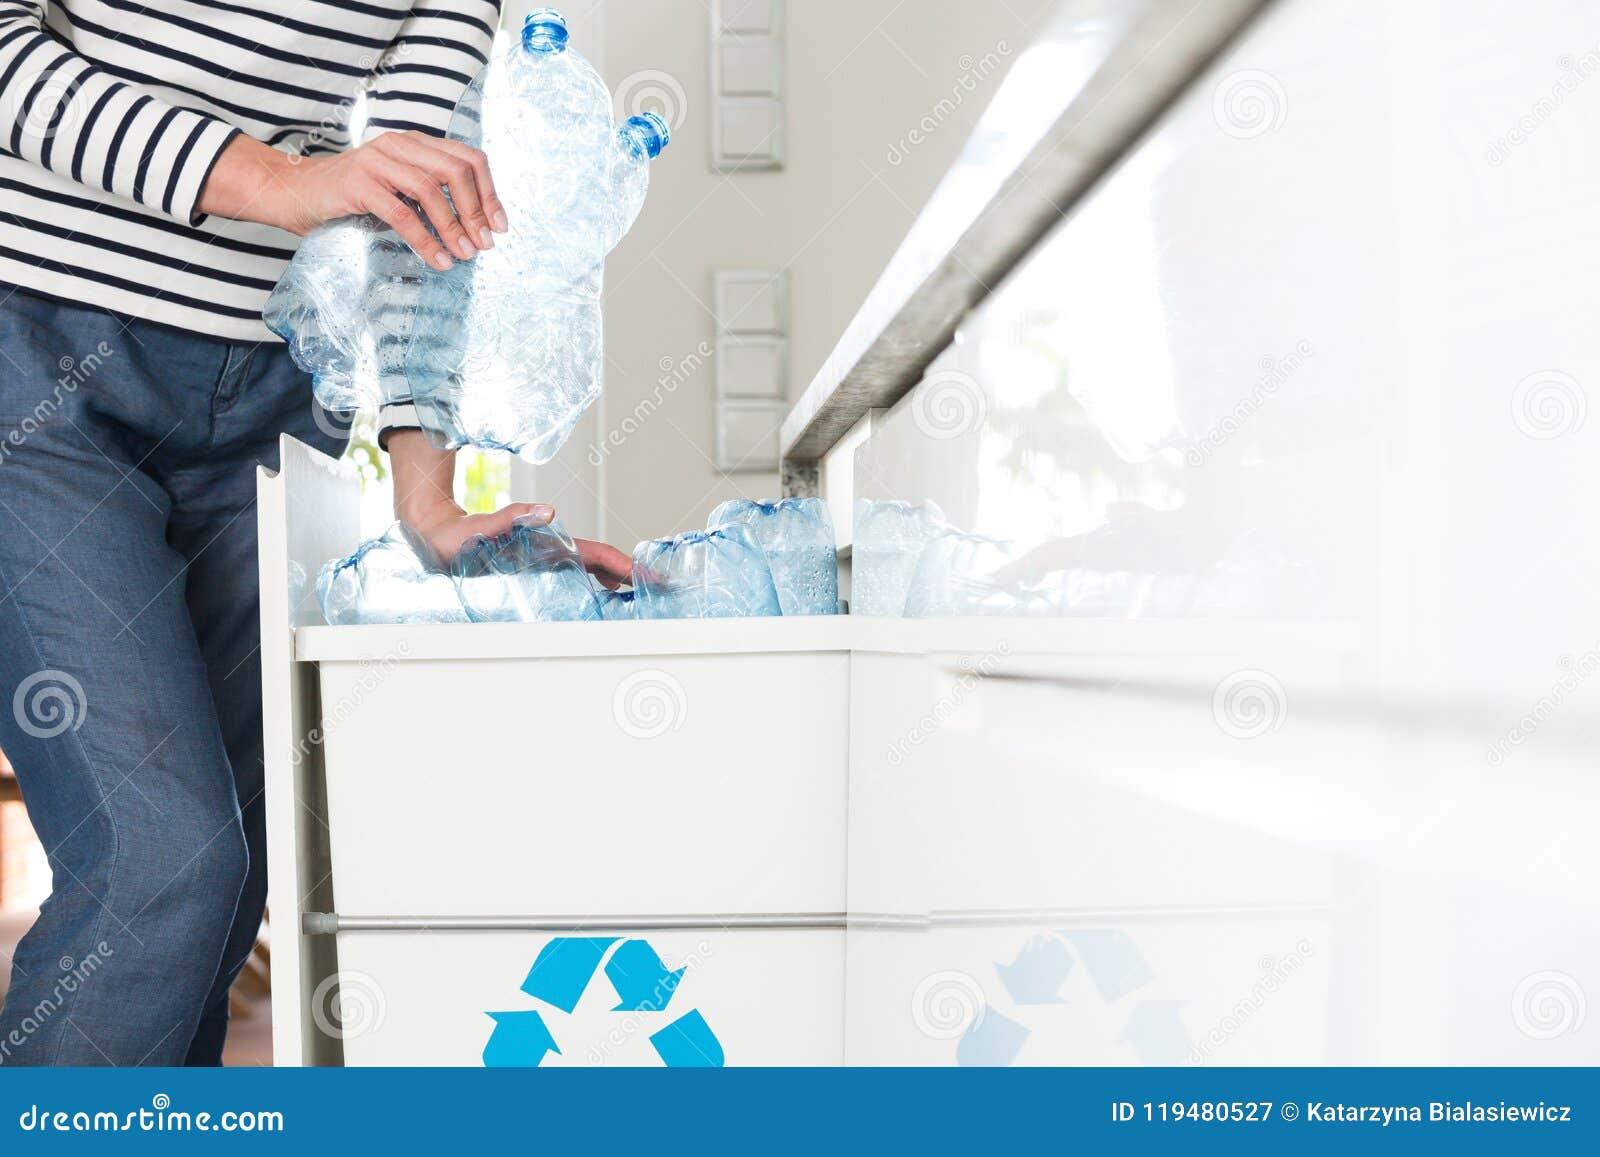 分离塑料瓶